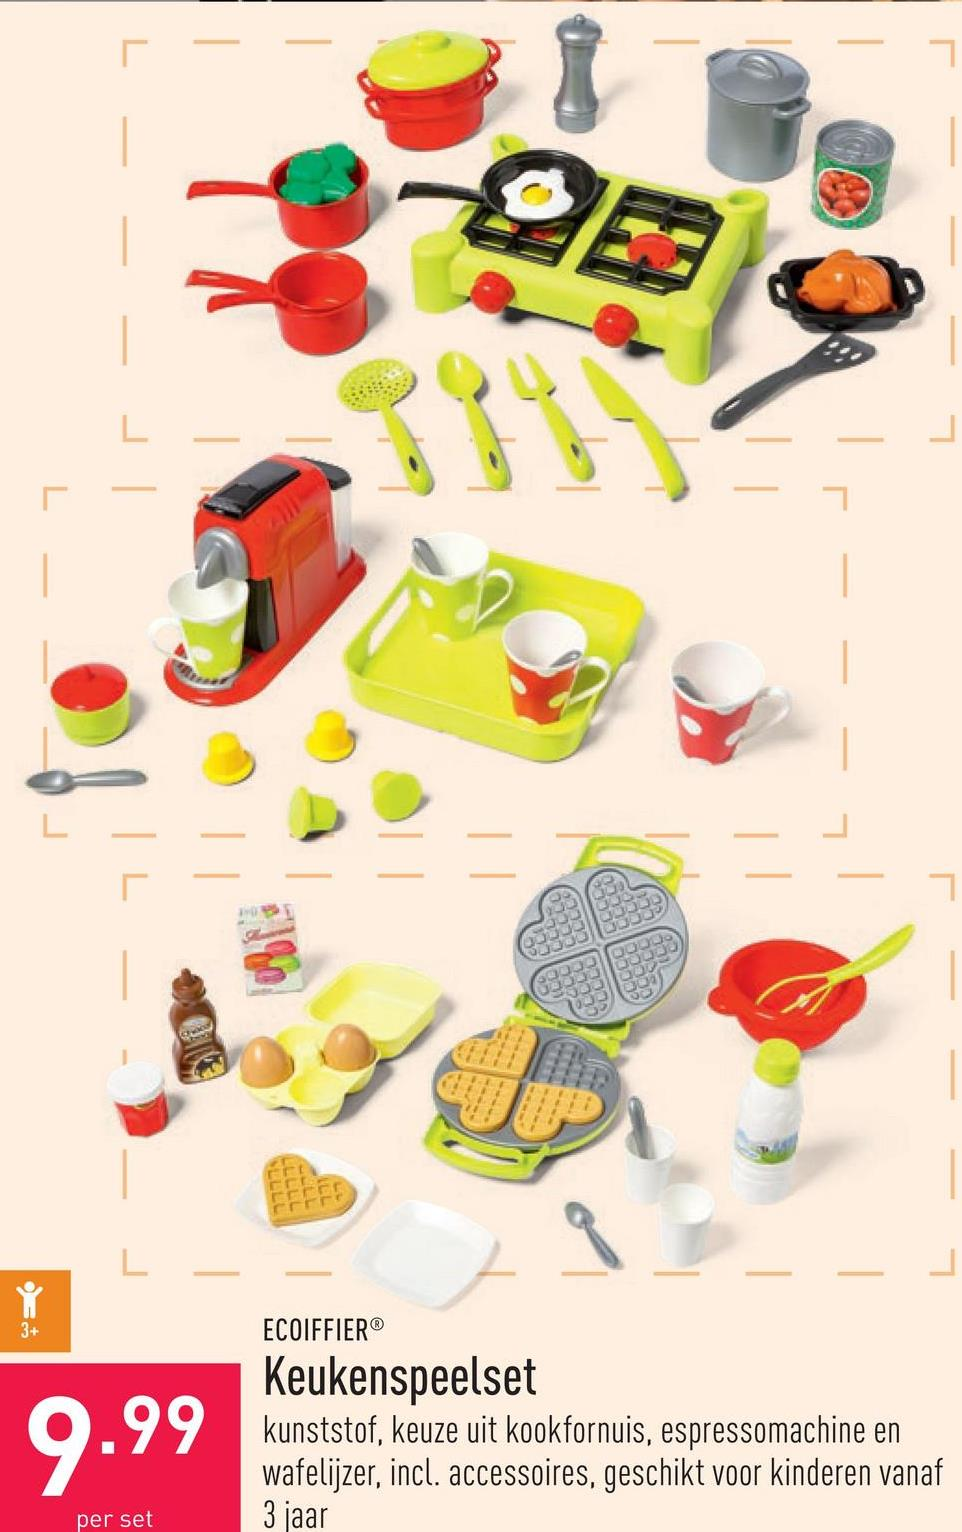 Keukenspeelset kunststof, keuze uit kookfornuis, espressomachine en wafelijzer, incl. accessoires, geschikt voor kinderen vanaf 3 jaar